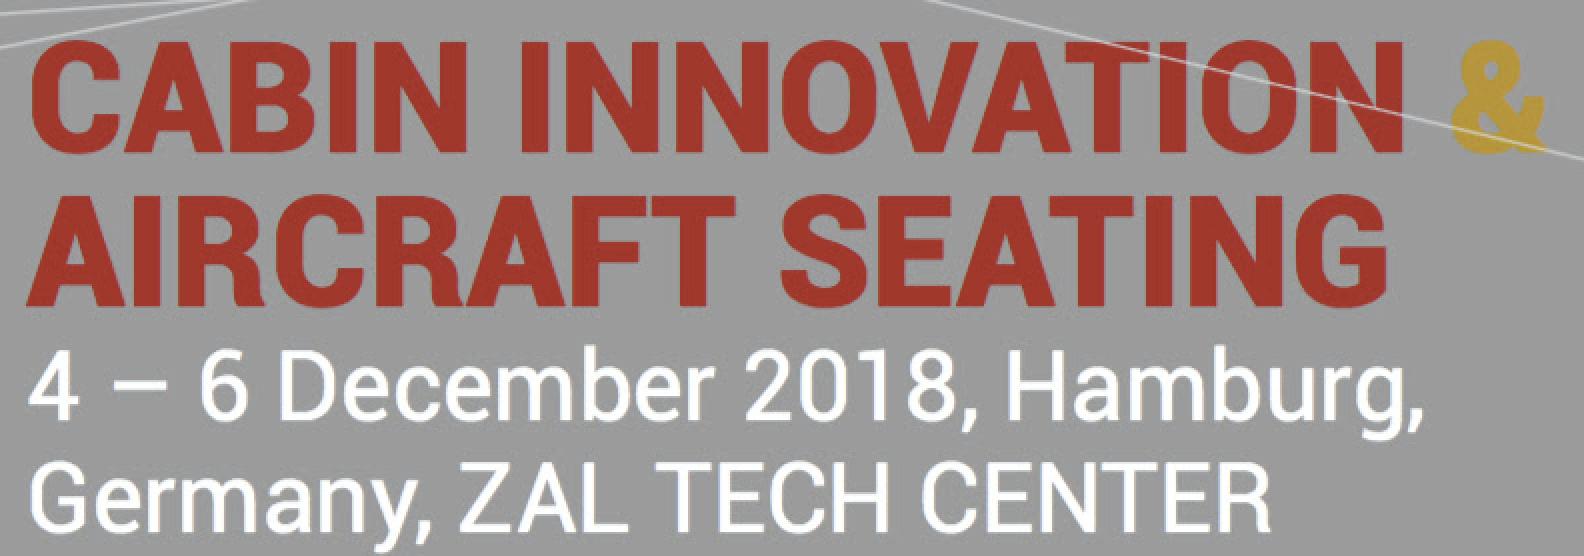 Cabin Innovation & Aircraft Seating ZAL Hamburg